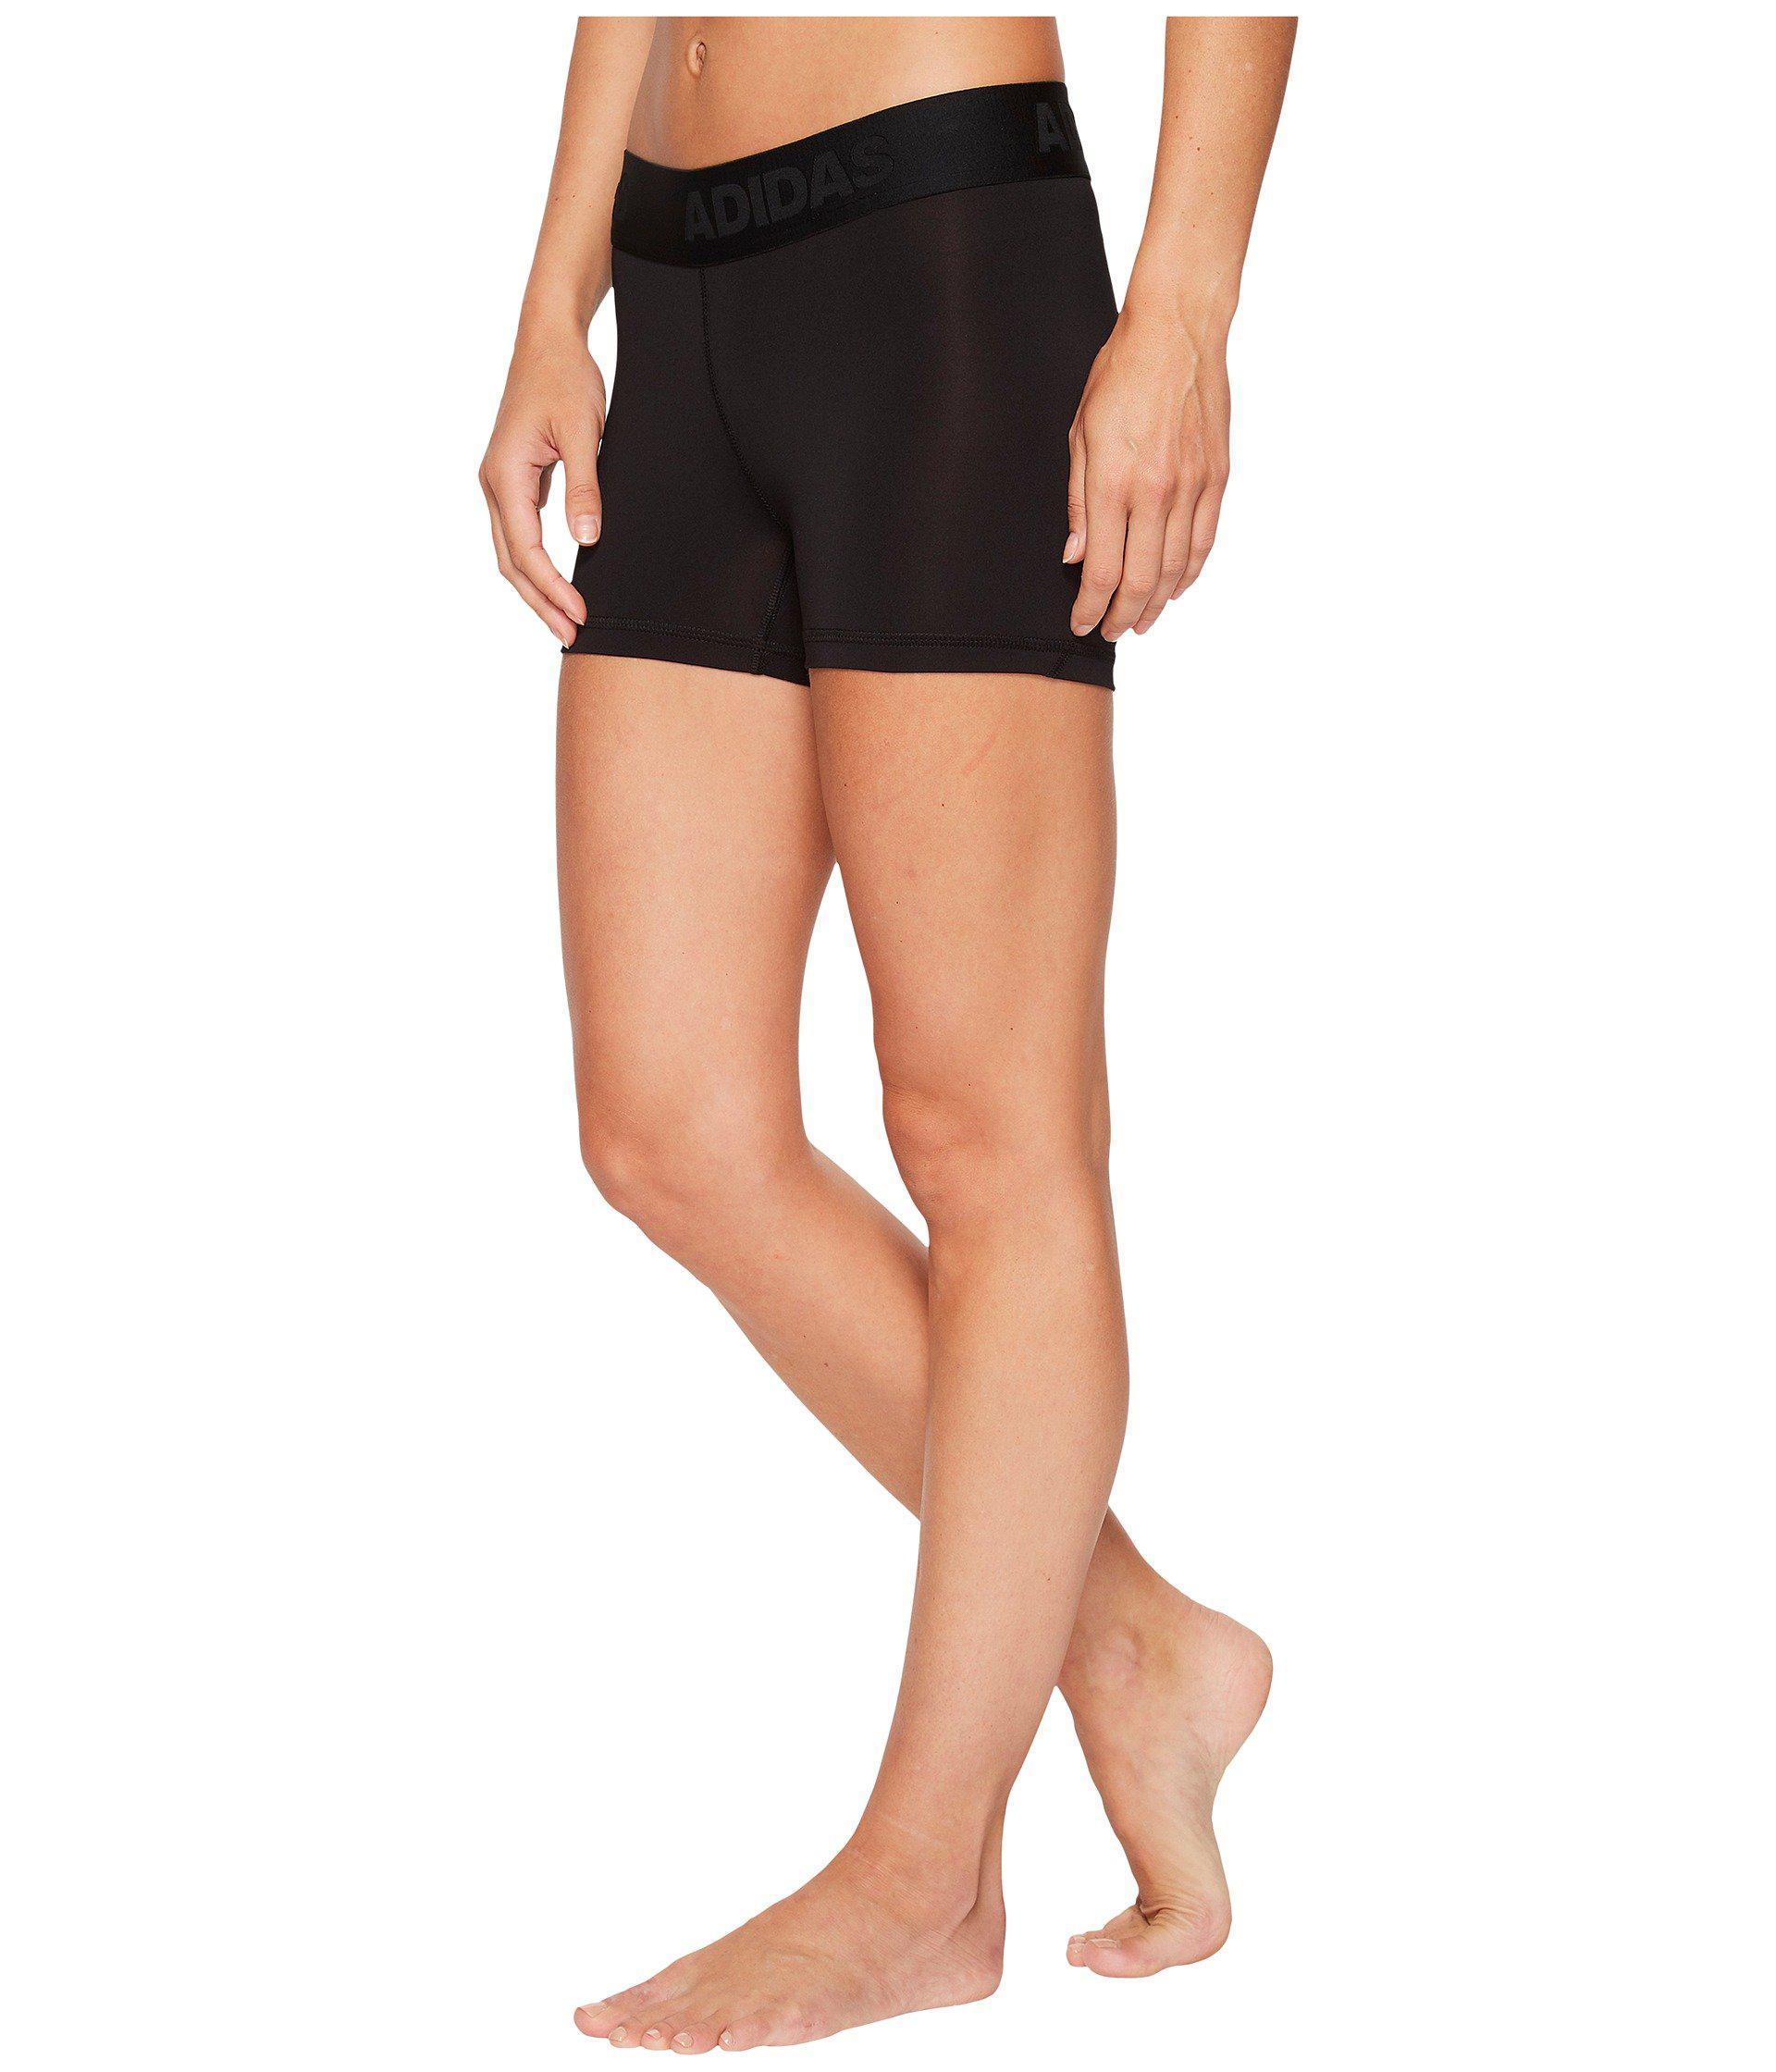 pretty nice b7883 793a3 Lyst - Adidas Alphaskin Sport 3 Short Tights (dark Grey Heatherblack)  Womens Shorts in Black